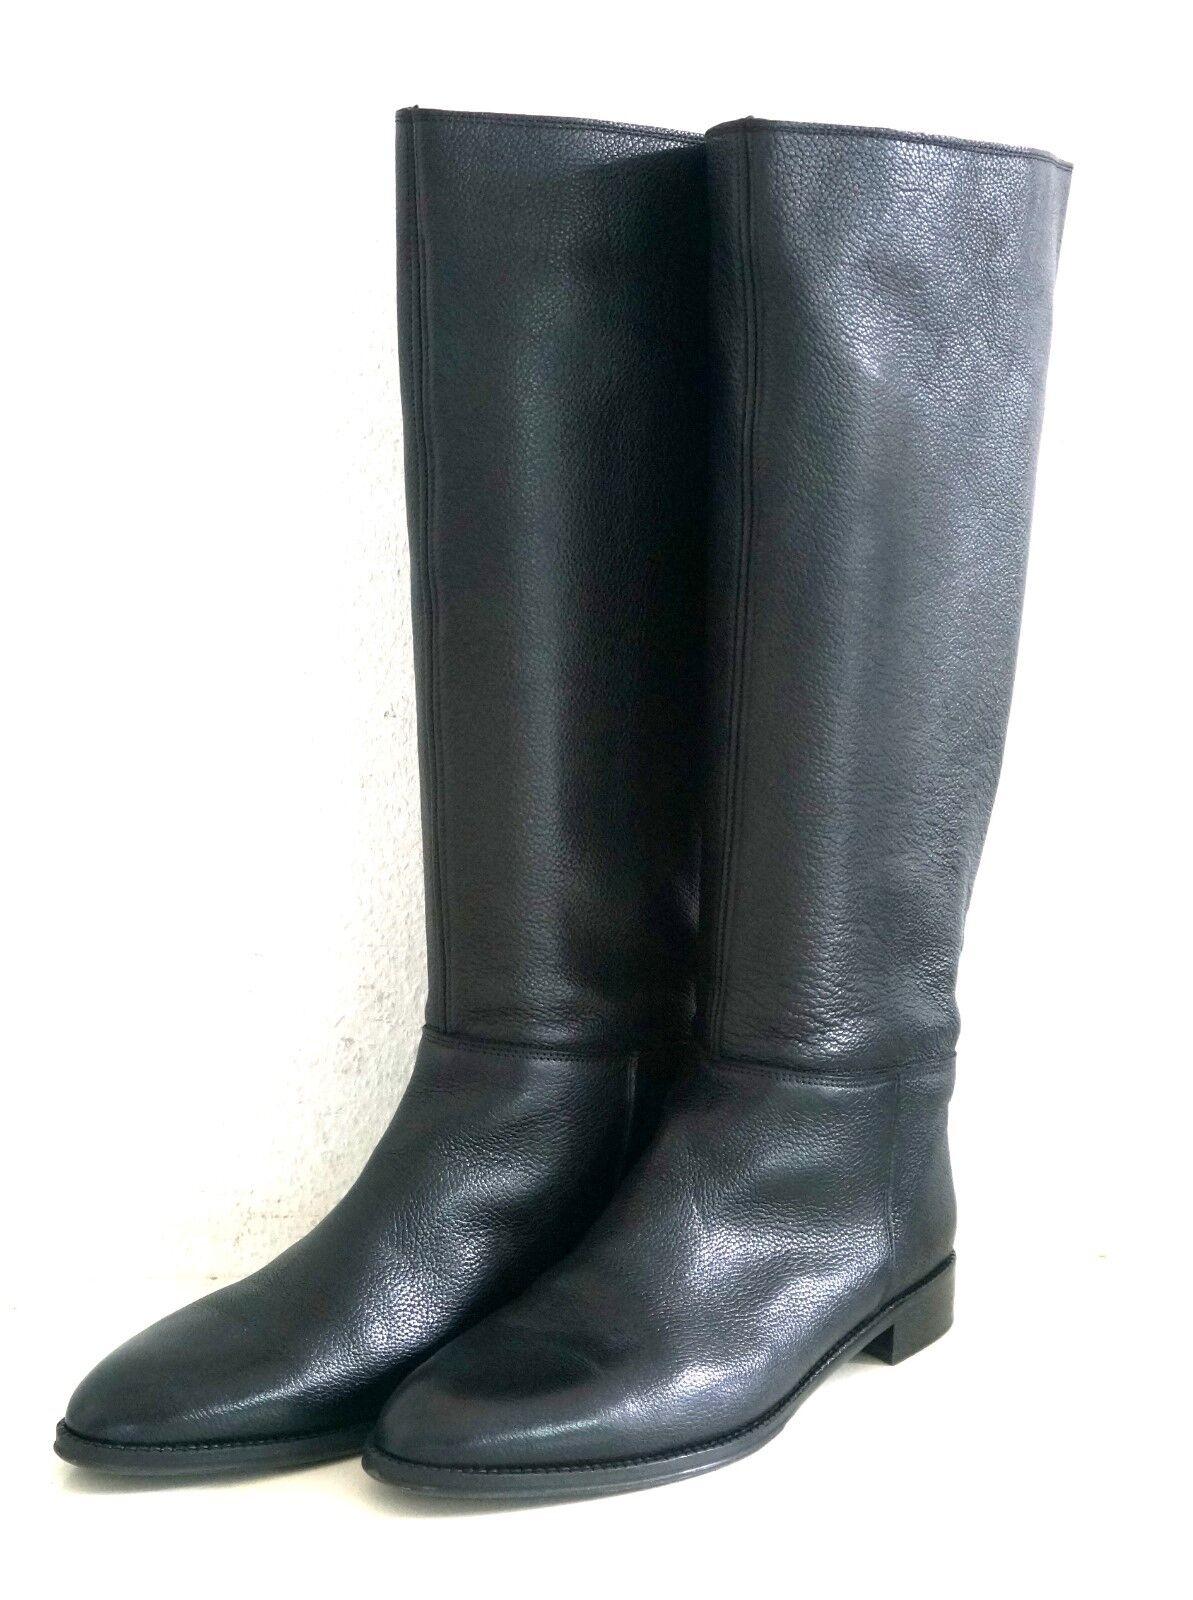 Pertini señora botas negro lleno de cuero nuevo (299. -)